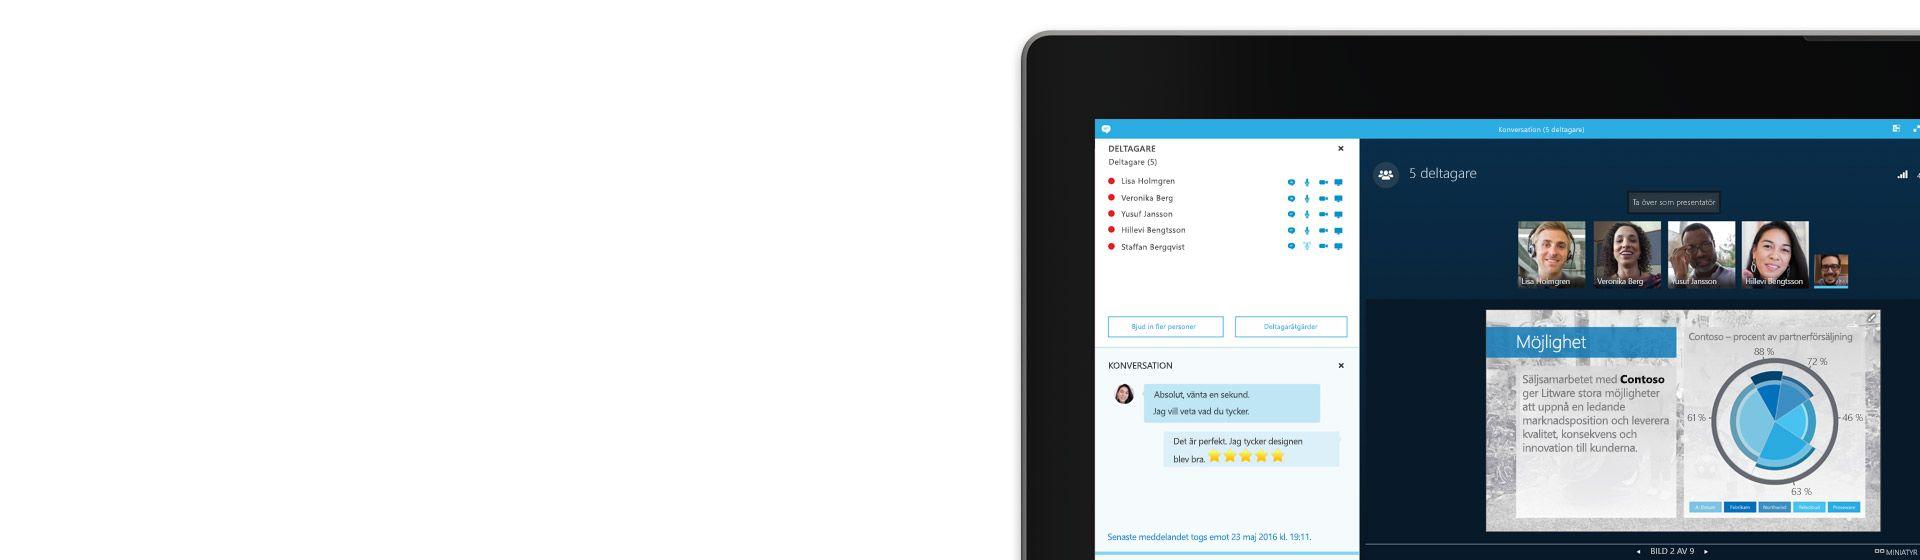 Hörnet på en bärbar dator som visar ett pågående möte i Skype för företag med en lista över deltagare